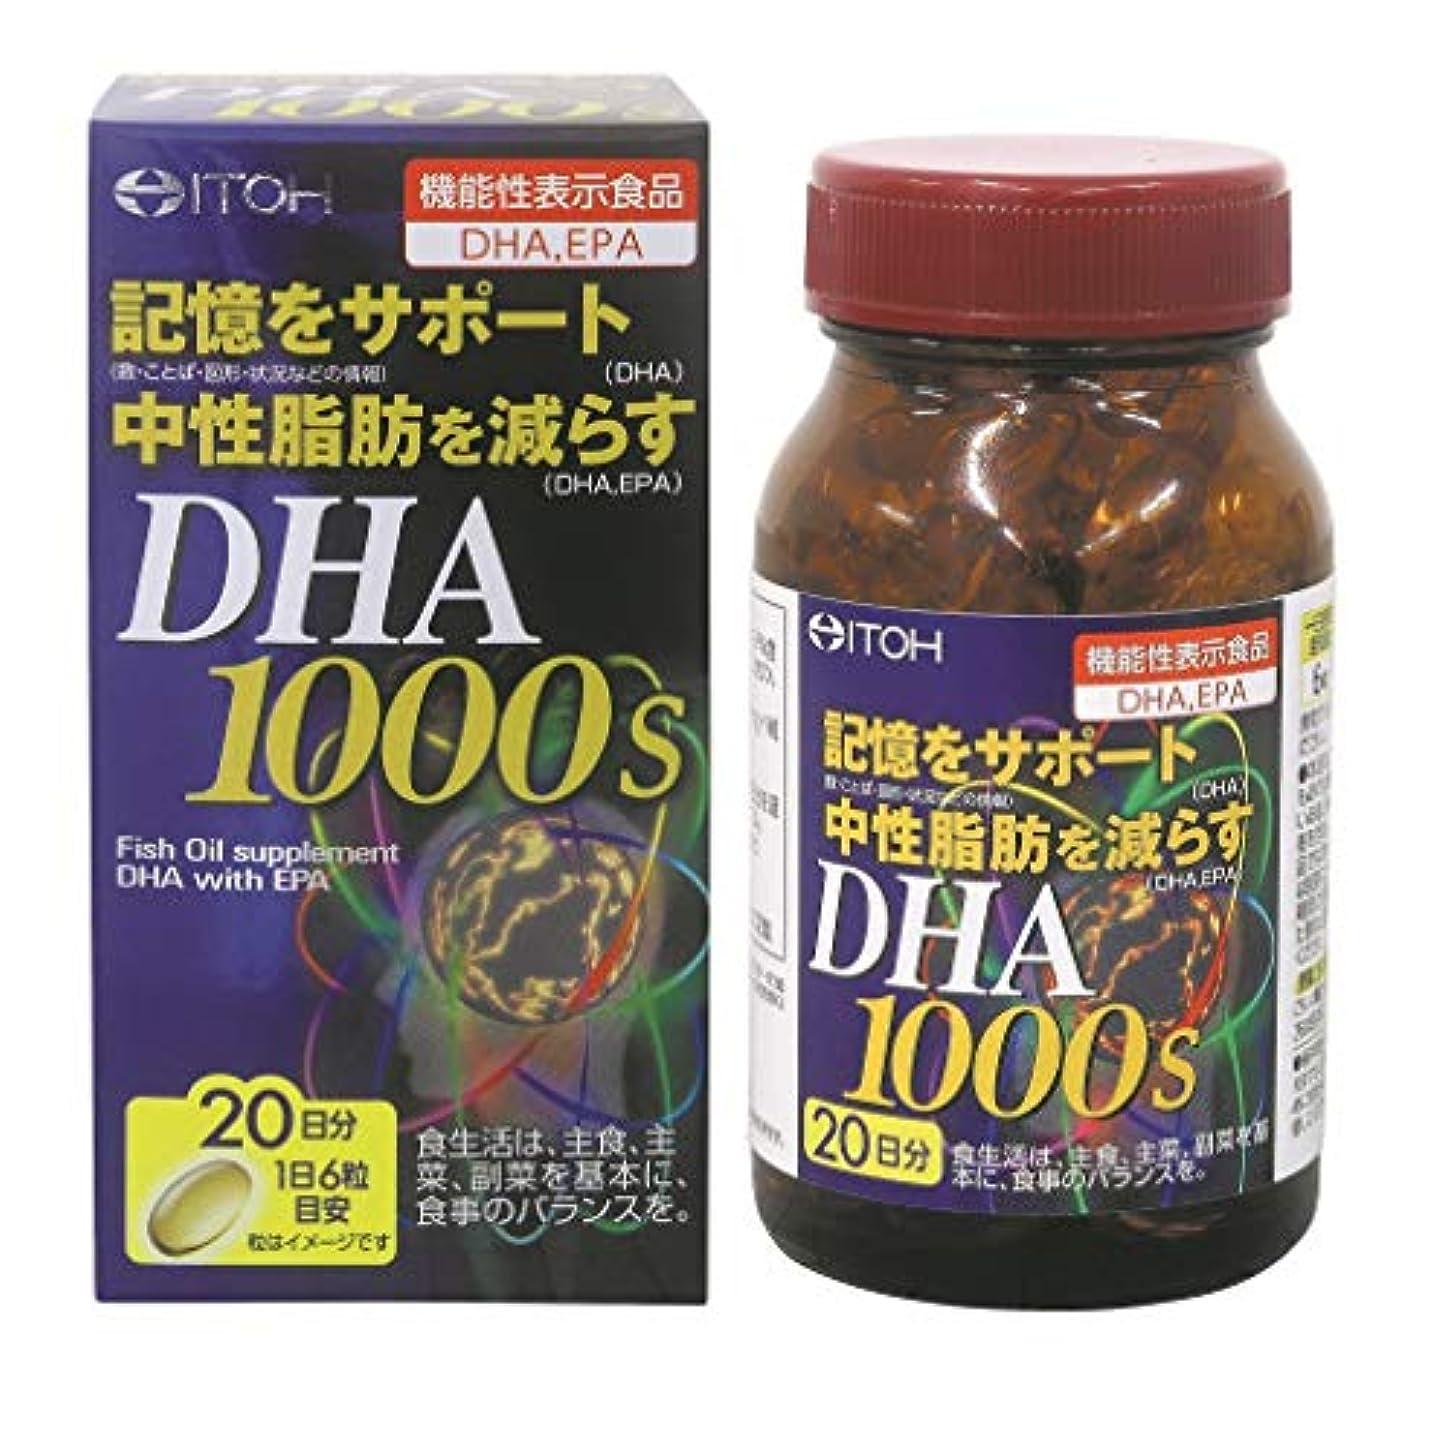 起点クレデンシャル未払い井藤漢方製薬 DHA1000 (ディーエイチエー) 約20日分 120粒